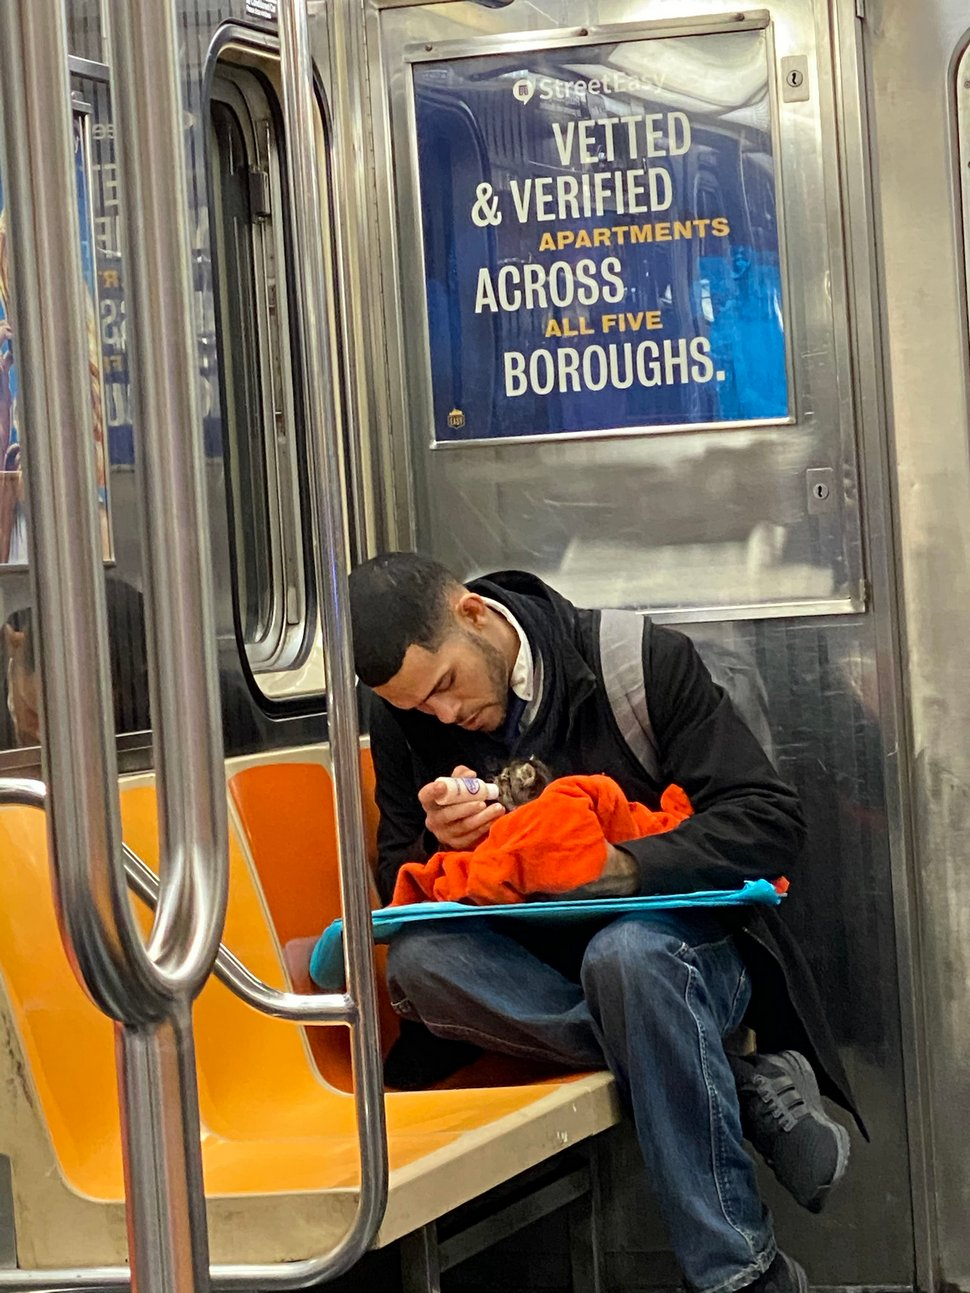 Un homme vu avec un minuscule chaton dans le métro redonne confiance aux gens en l'humanité ! Par Janvier Doyon Homme-avec-chaton-metro-gillian-rogers-003